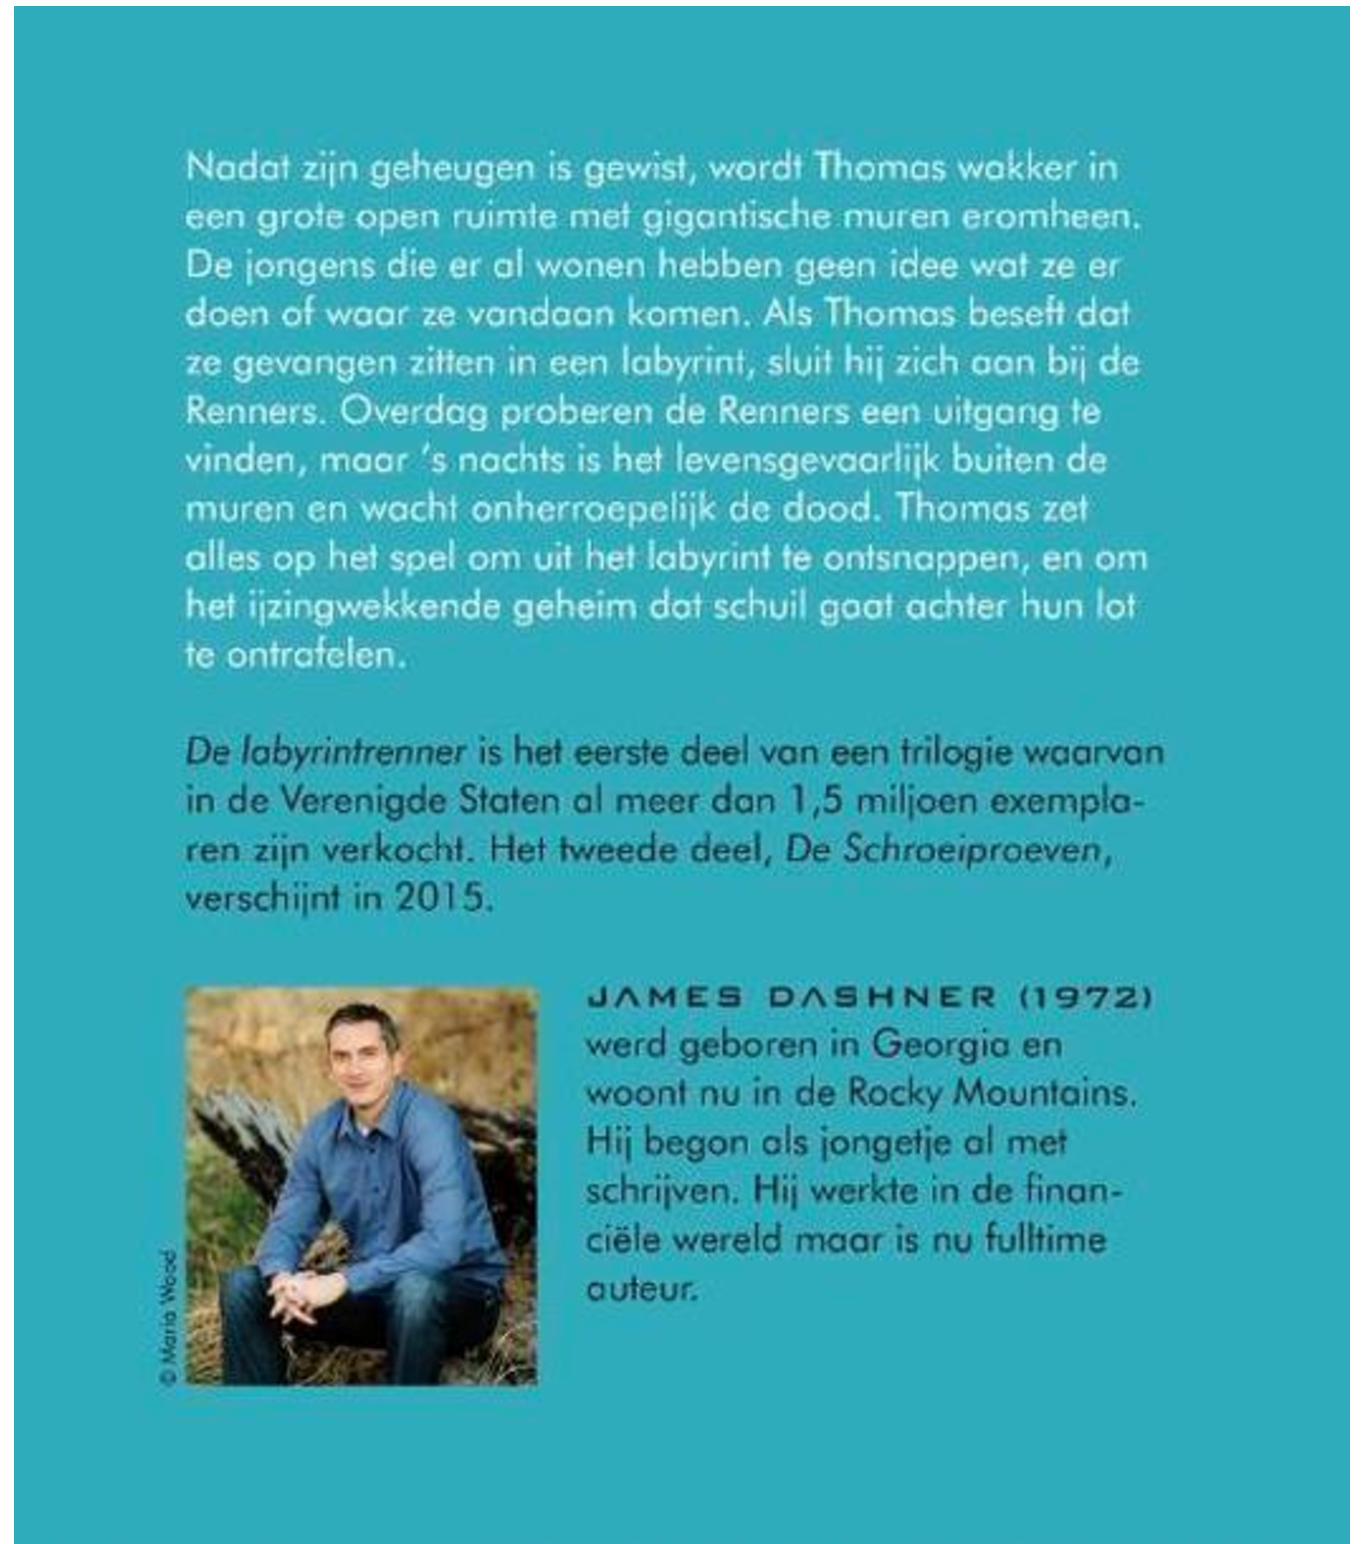 proloog schrijven voorbeeld James Dasher